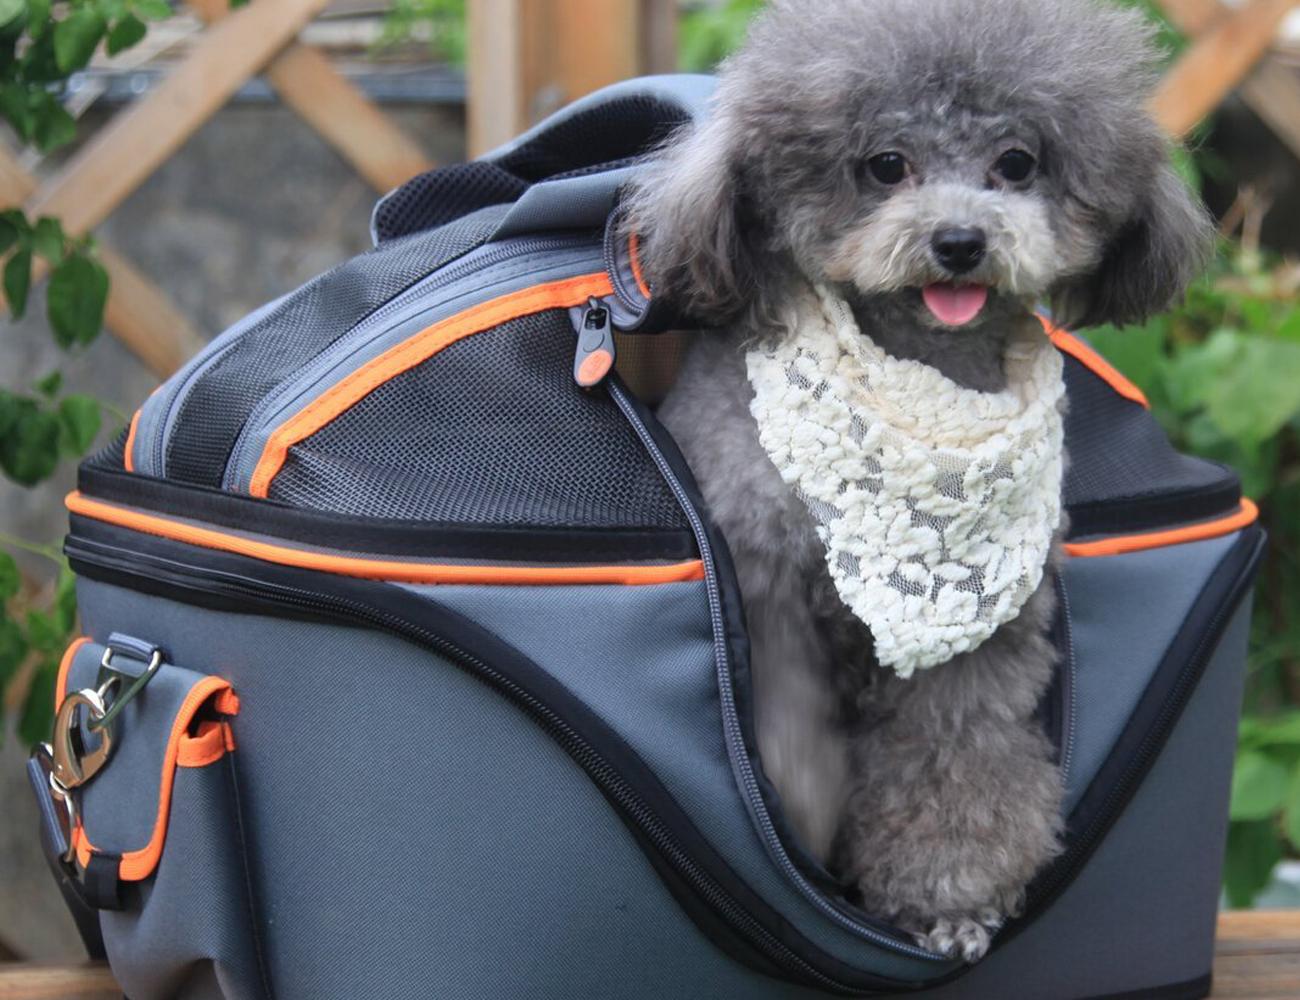 Petsfit Mobile Pet Carrier